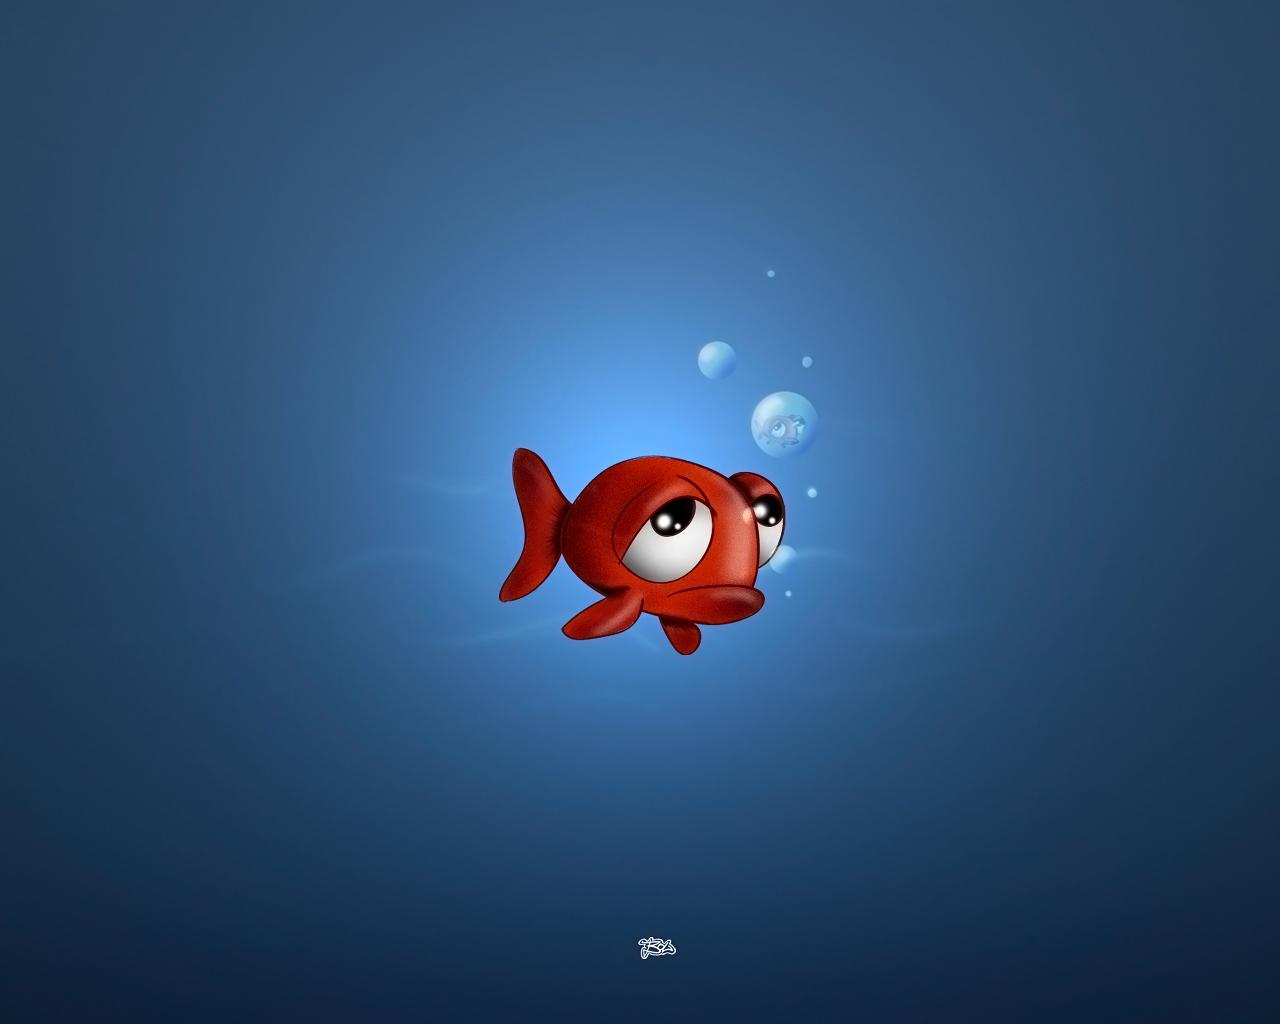 Sad fish wallpaper